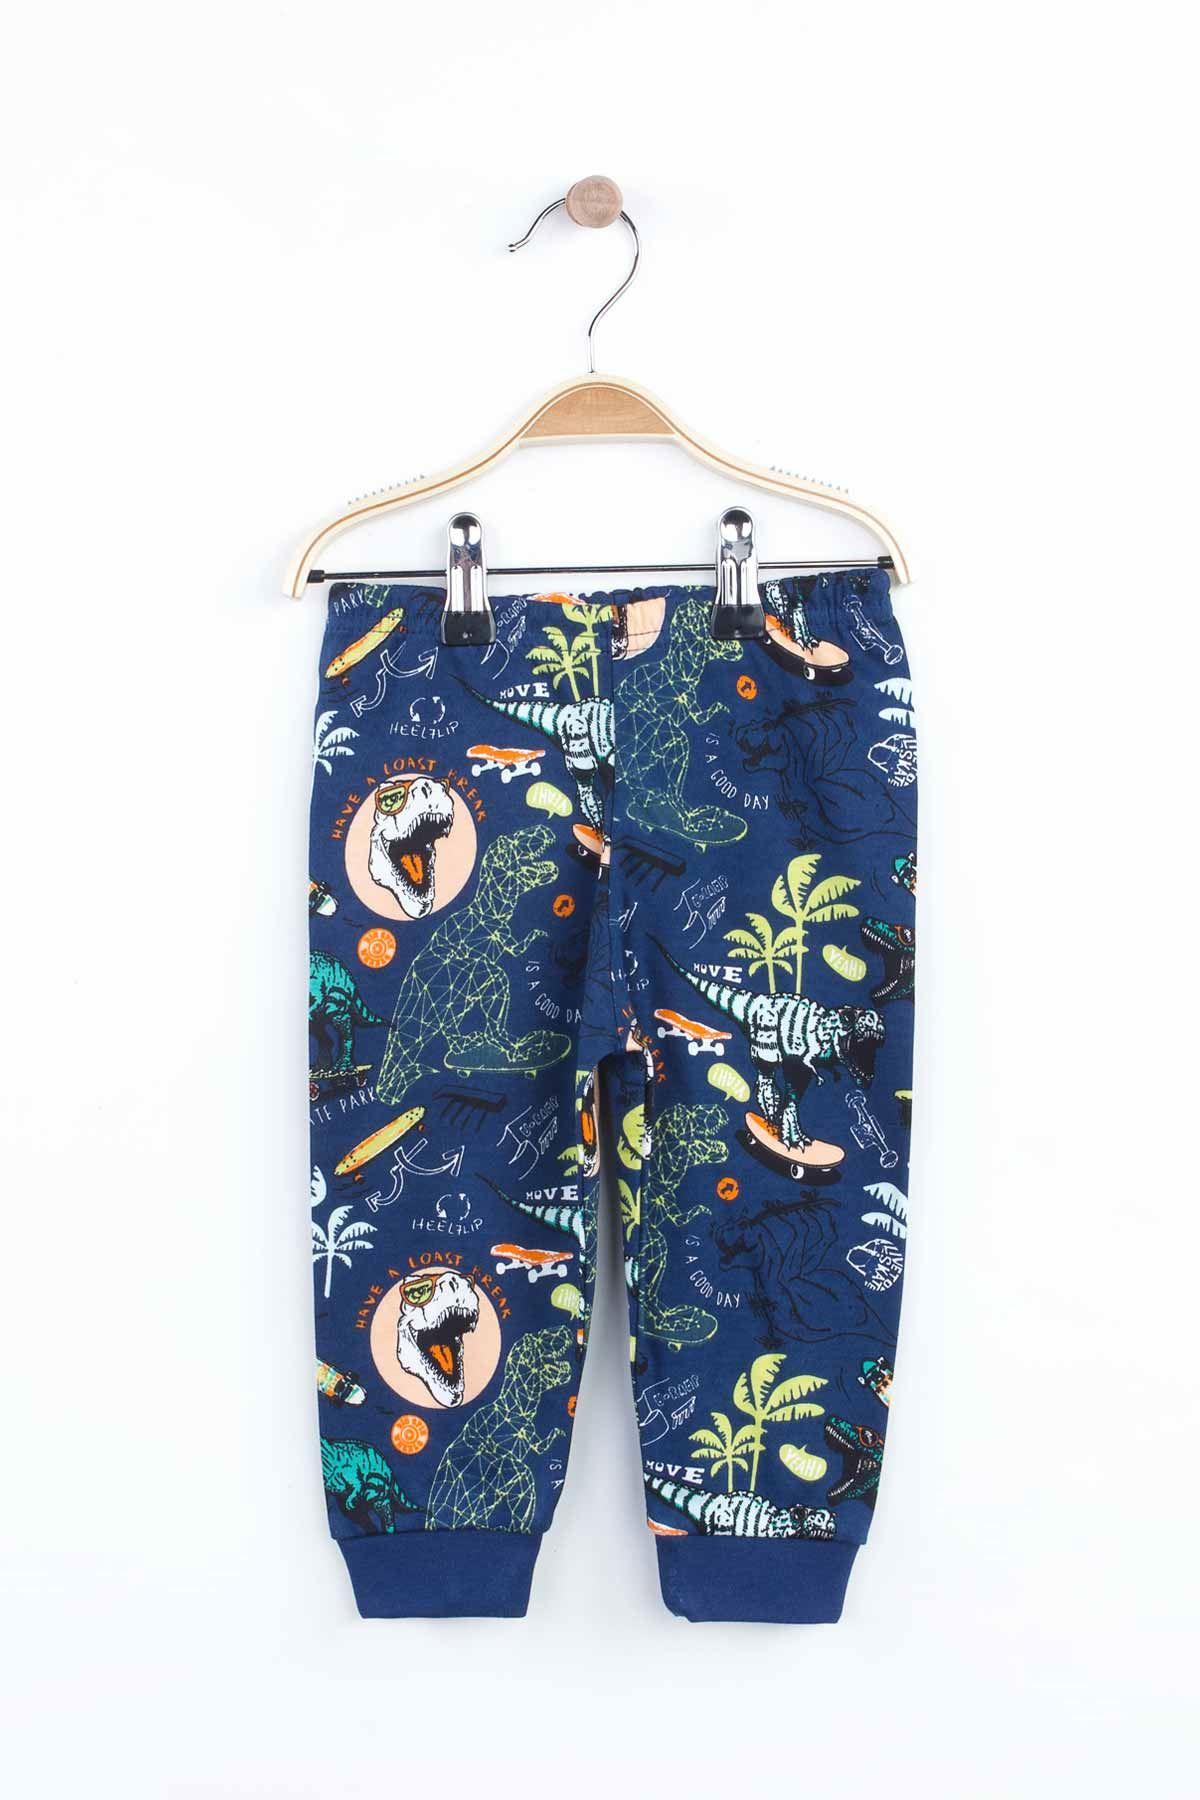 Indigo Boys Girls Pajamas Set Bottom Pajamas Top Pajamas Kids Daily Wear Homewear Cotton Comfortable Children Pajamas Sets